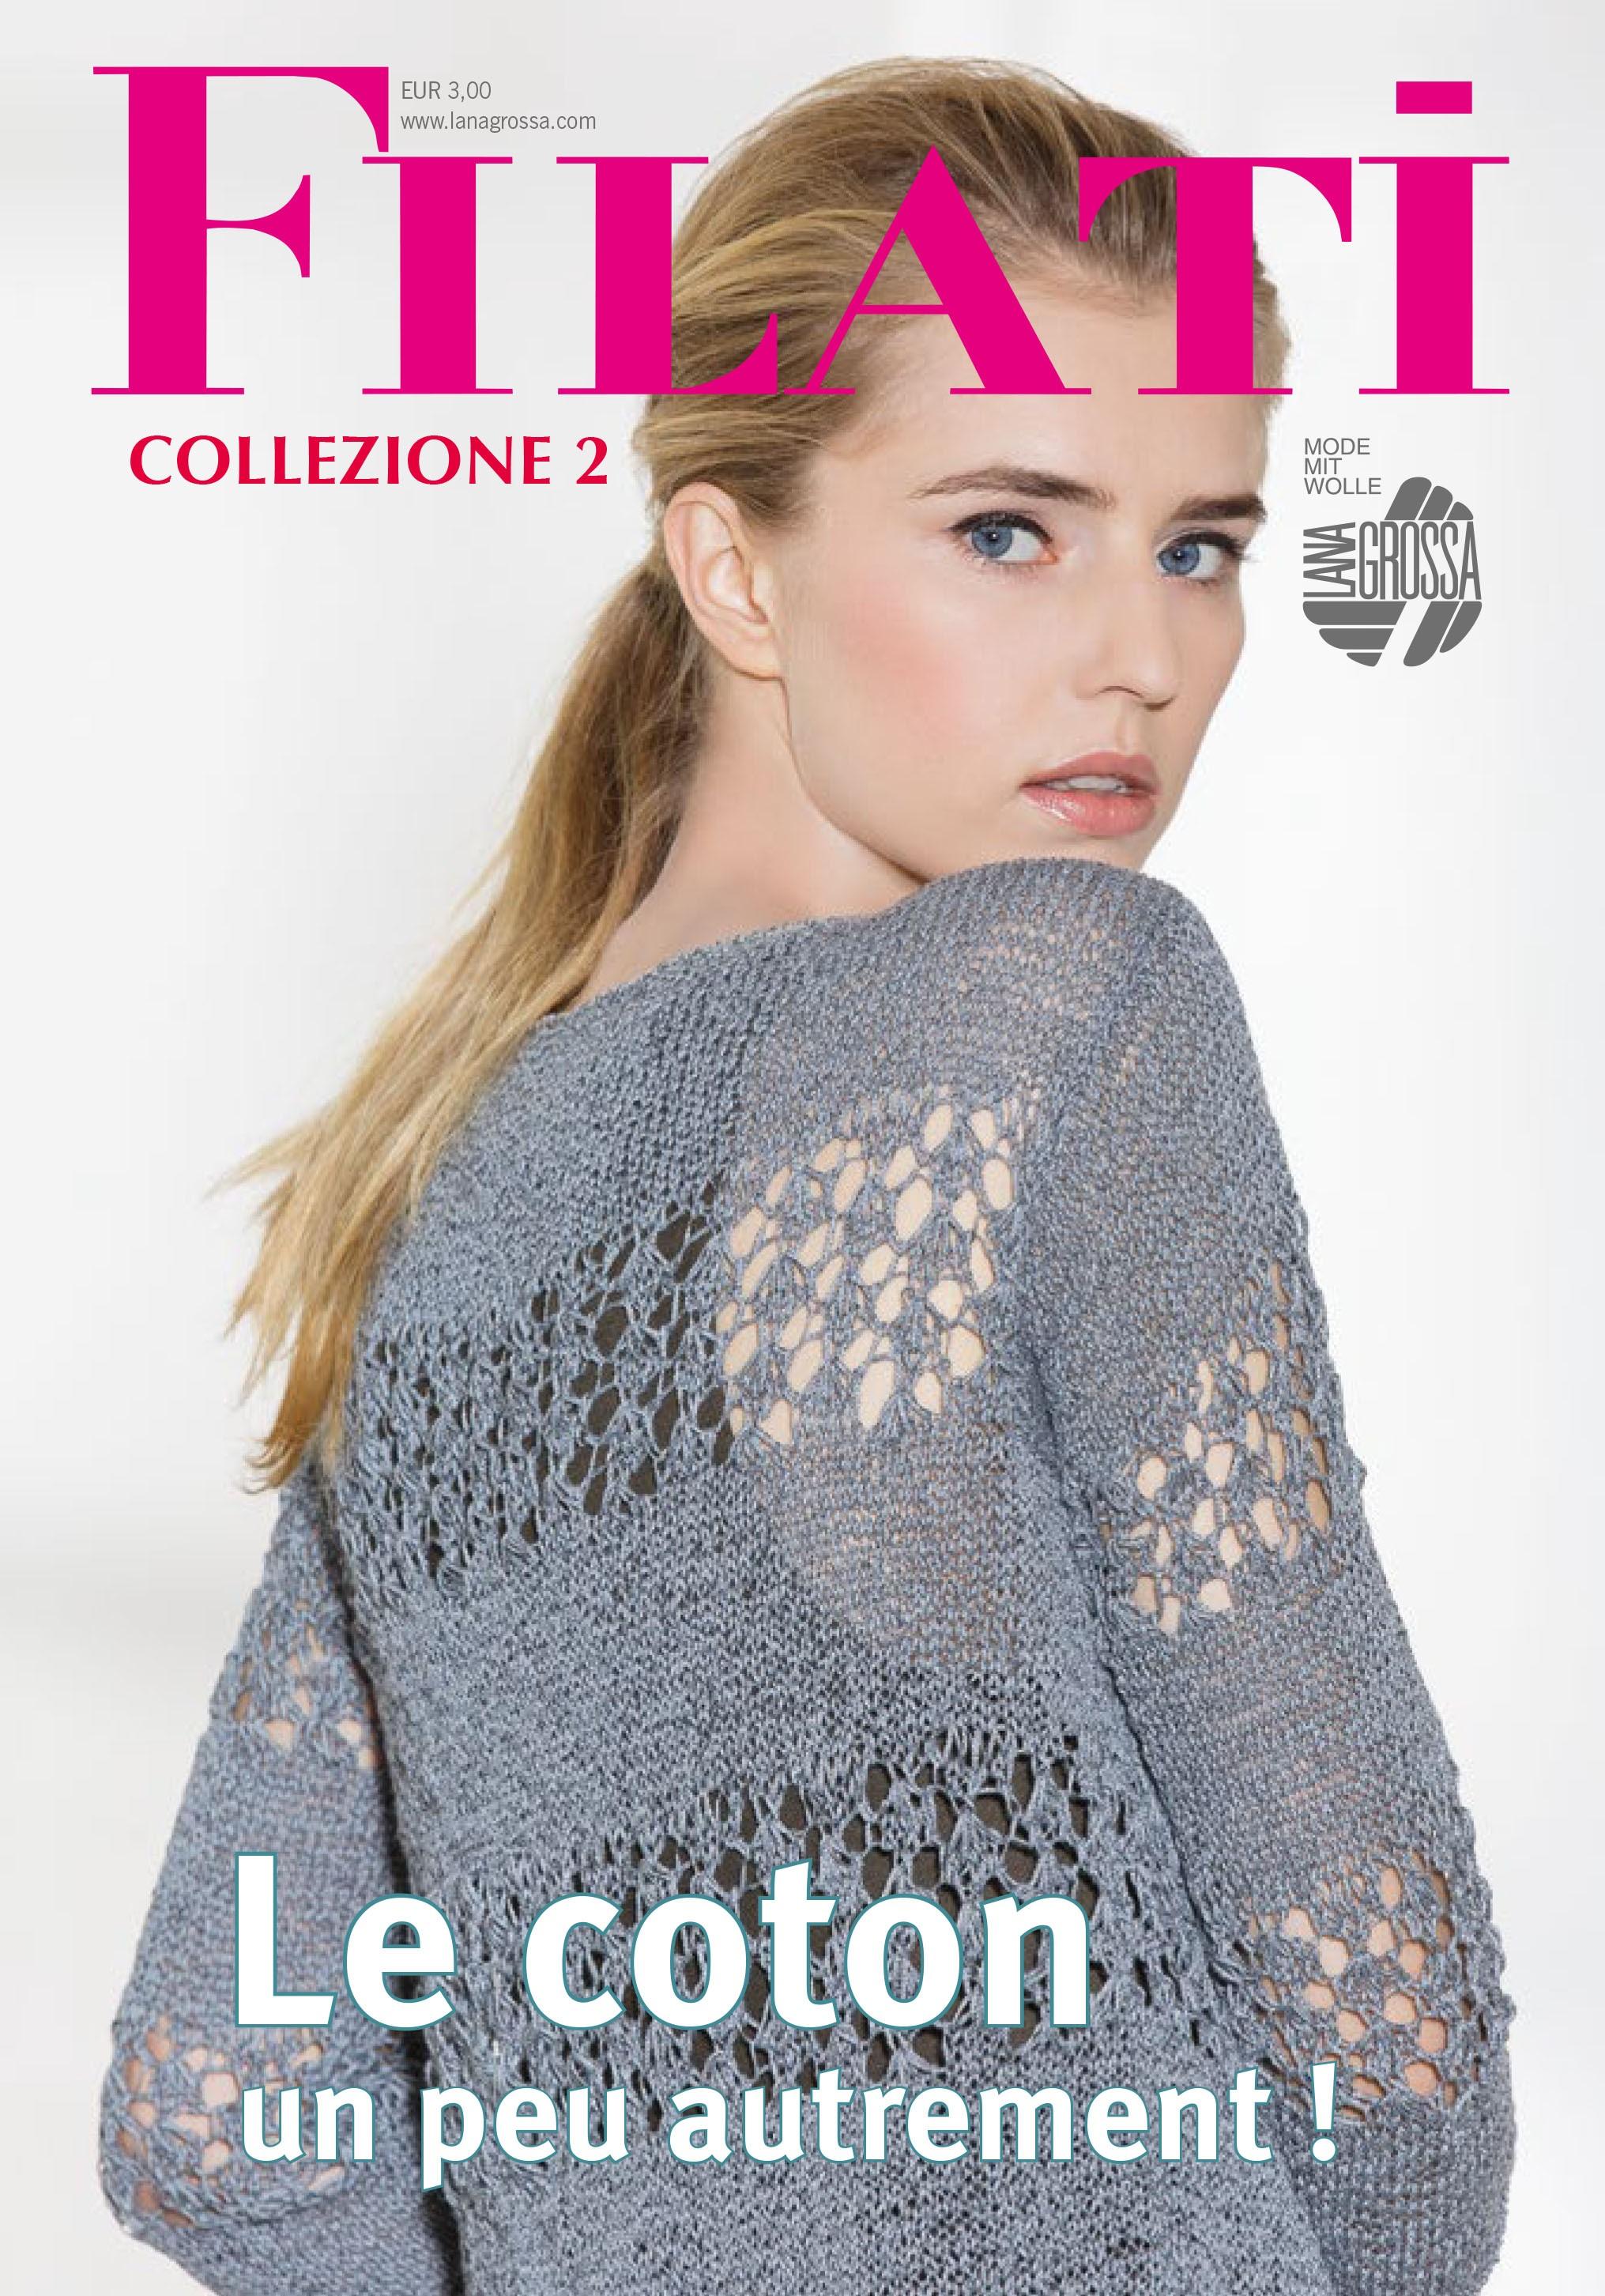 Lana Grossa FILATI COLLEZIONE No. 2 (FR)